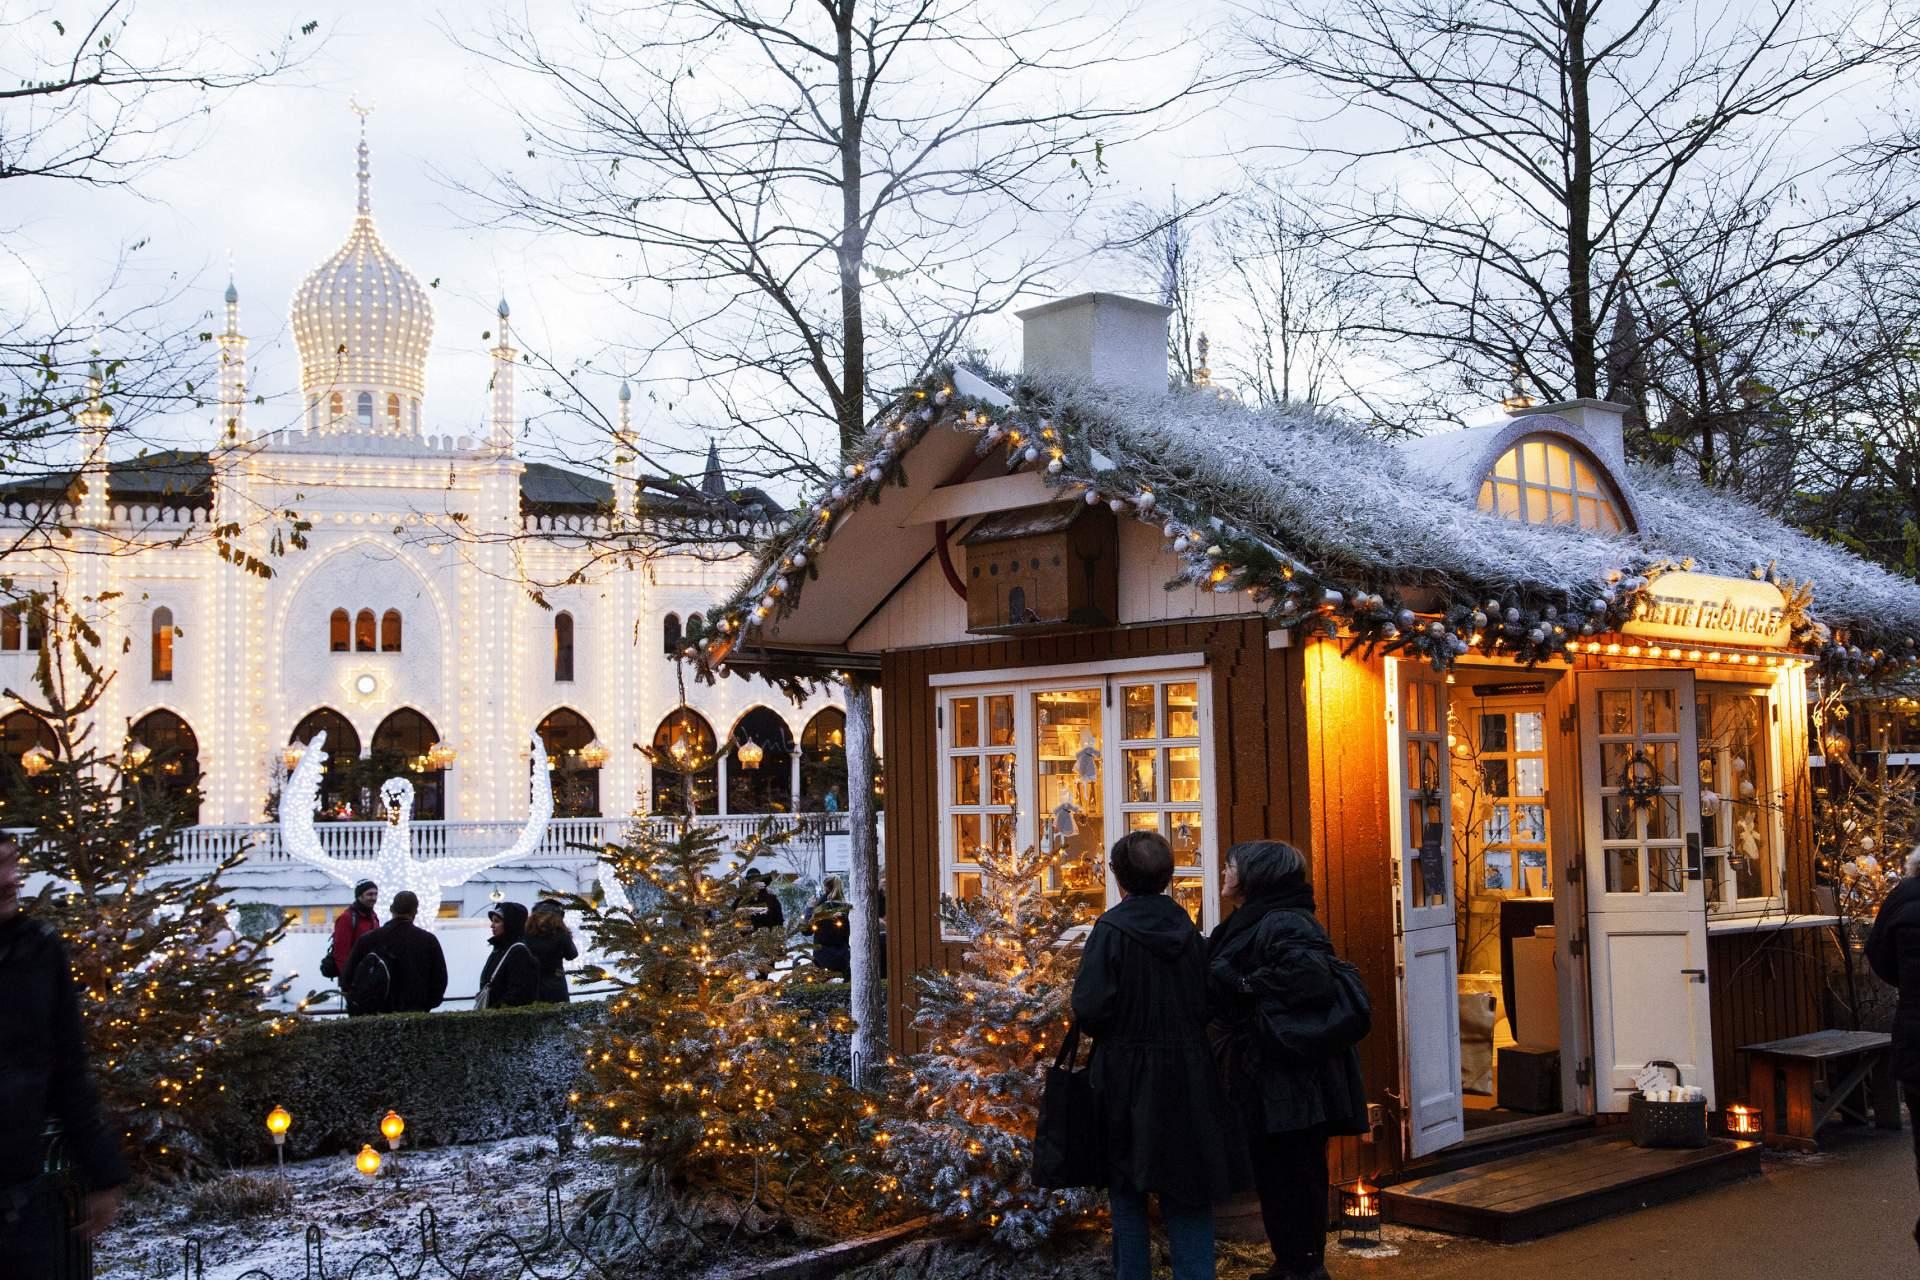 Kerstsfeer in Kopenhagen